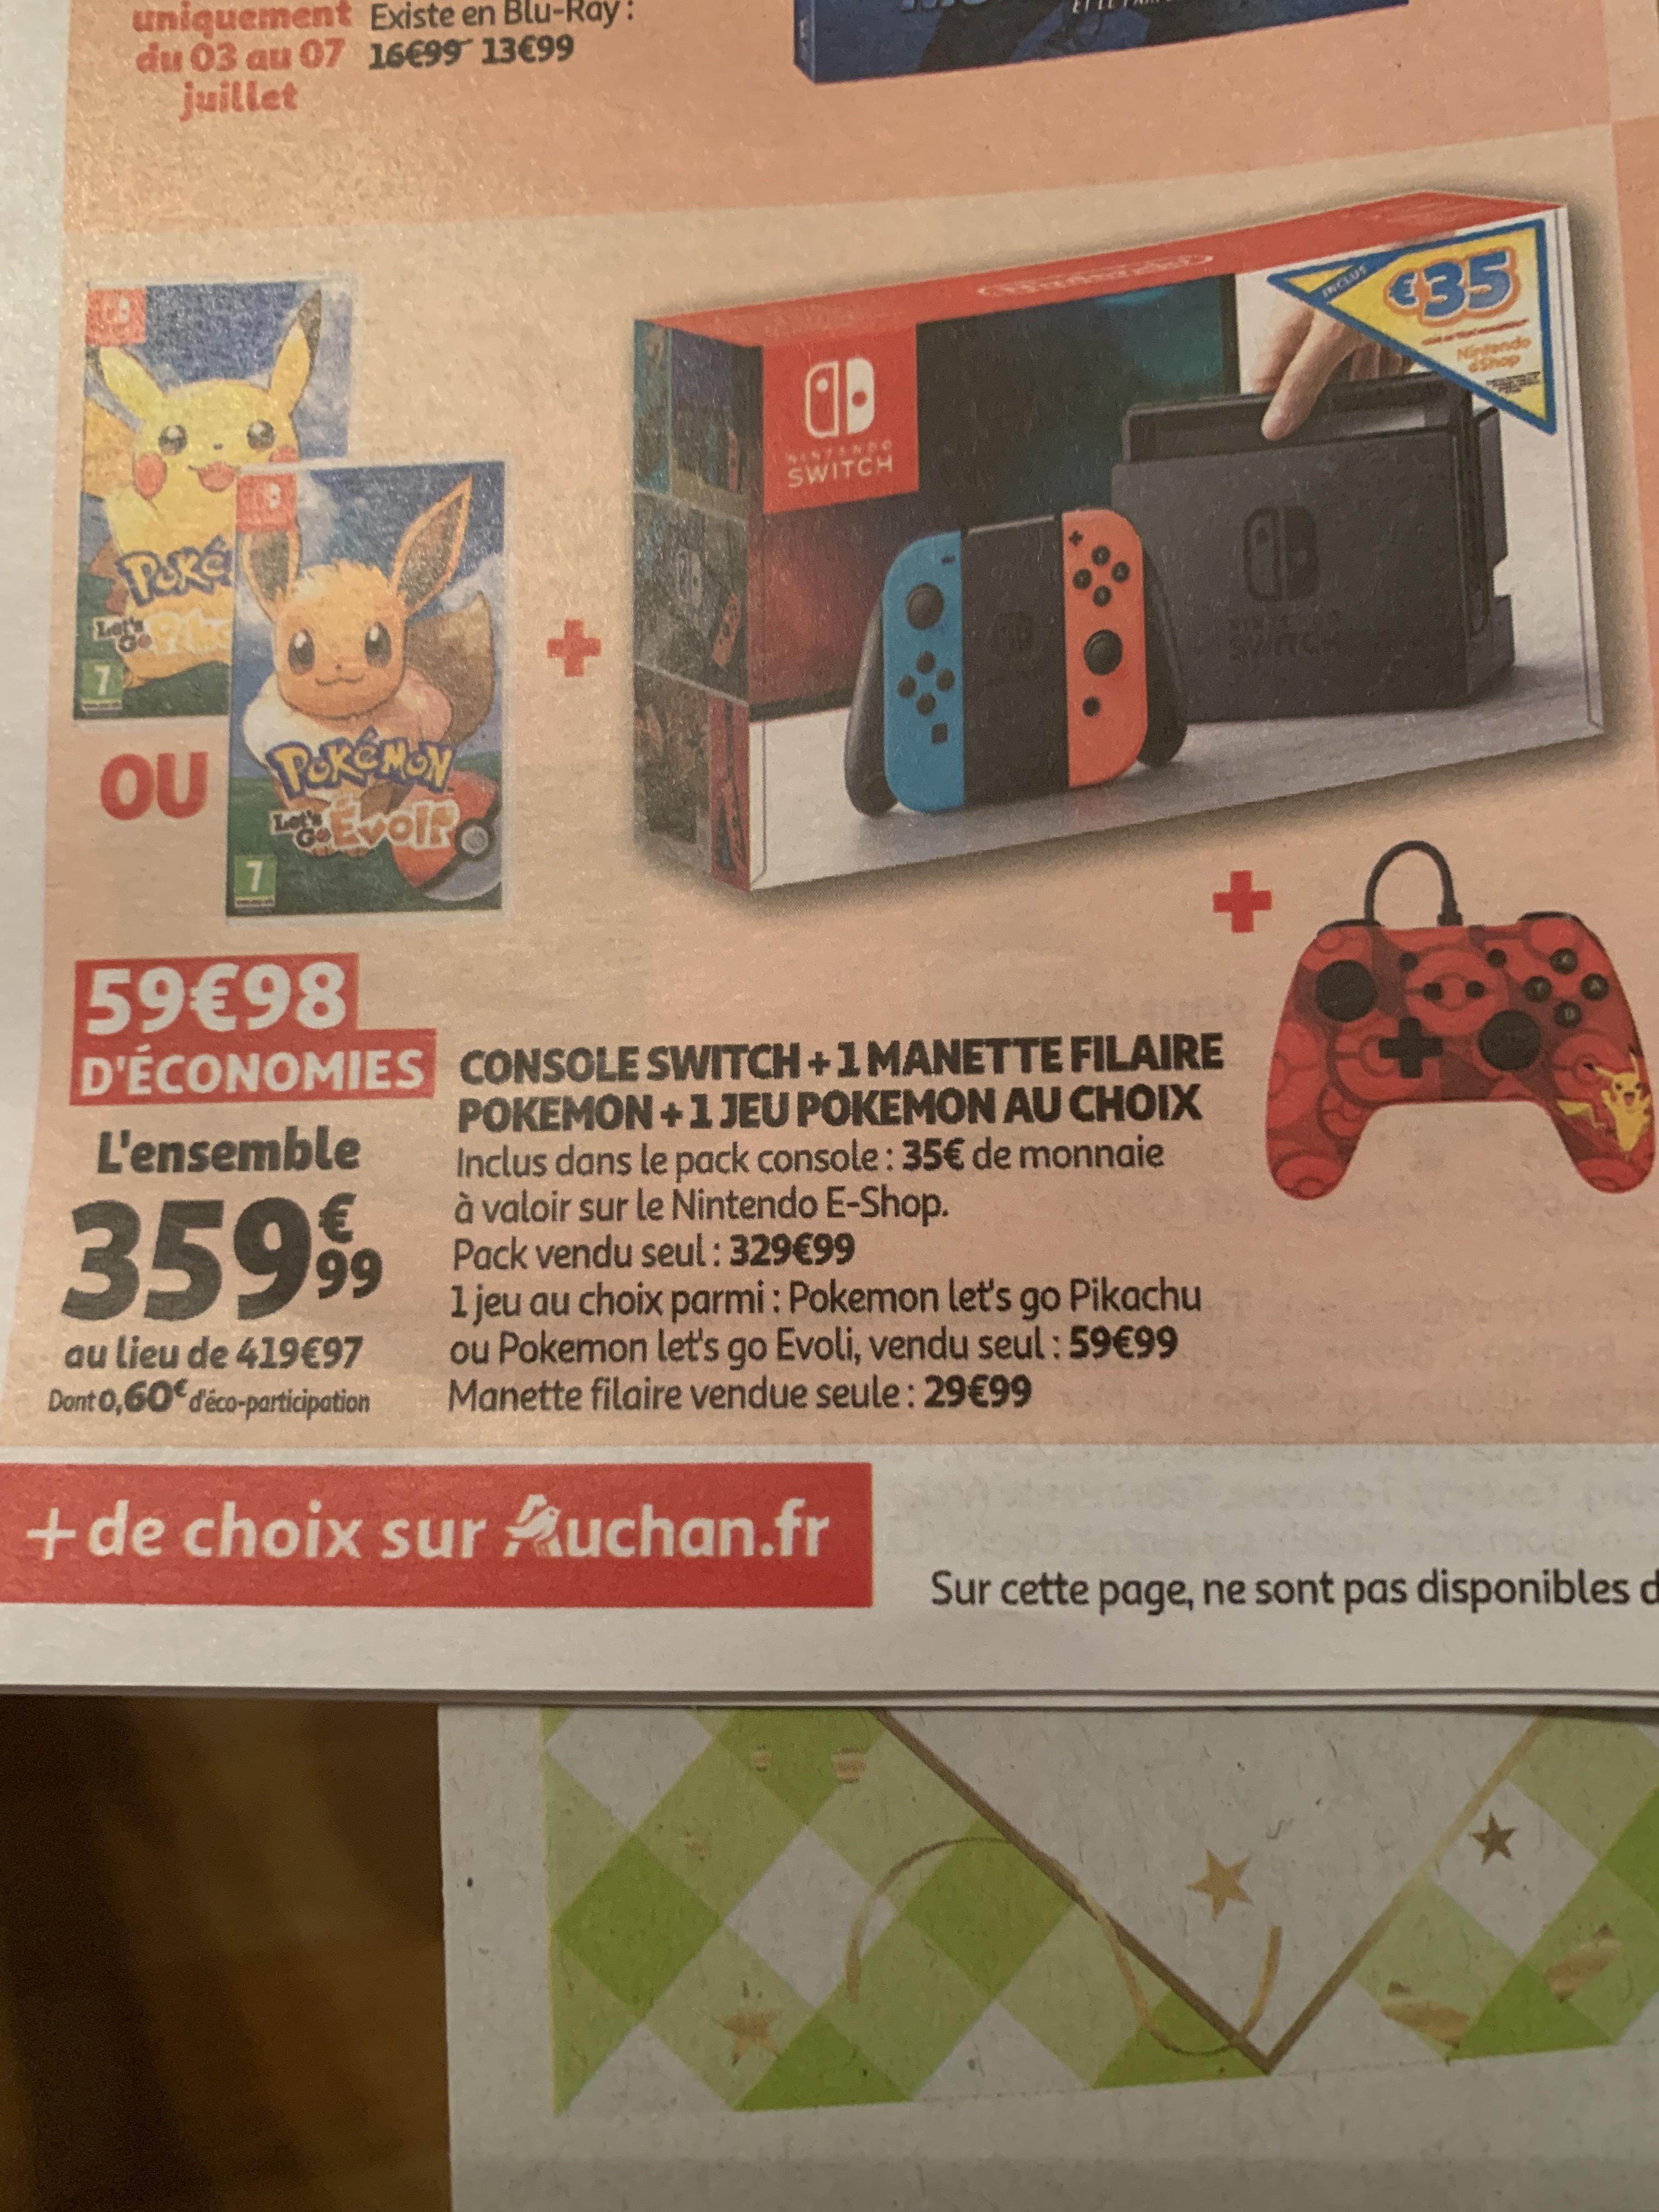 Pack Console Nintendo switch + 1 jeu Pokémon Let's Go + 1 manette filaire Pokemon + 35€ pour le store Nintendo Shop